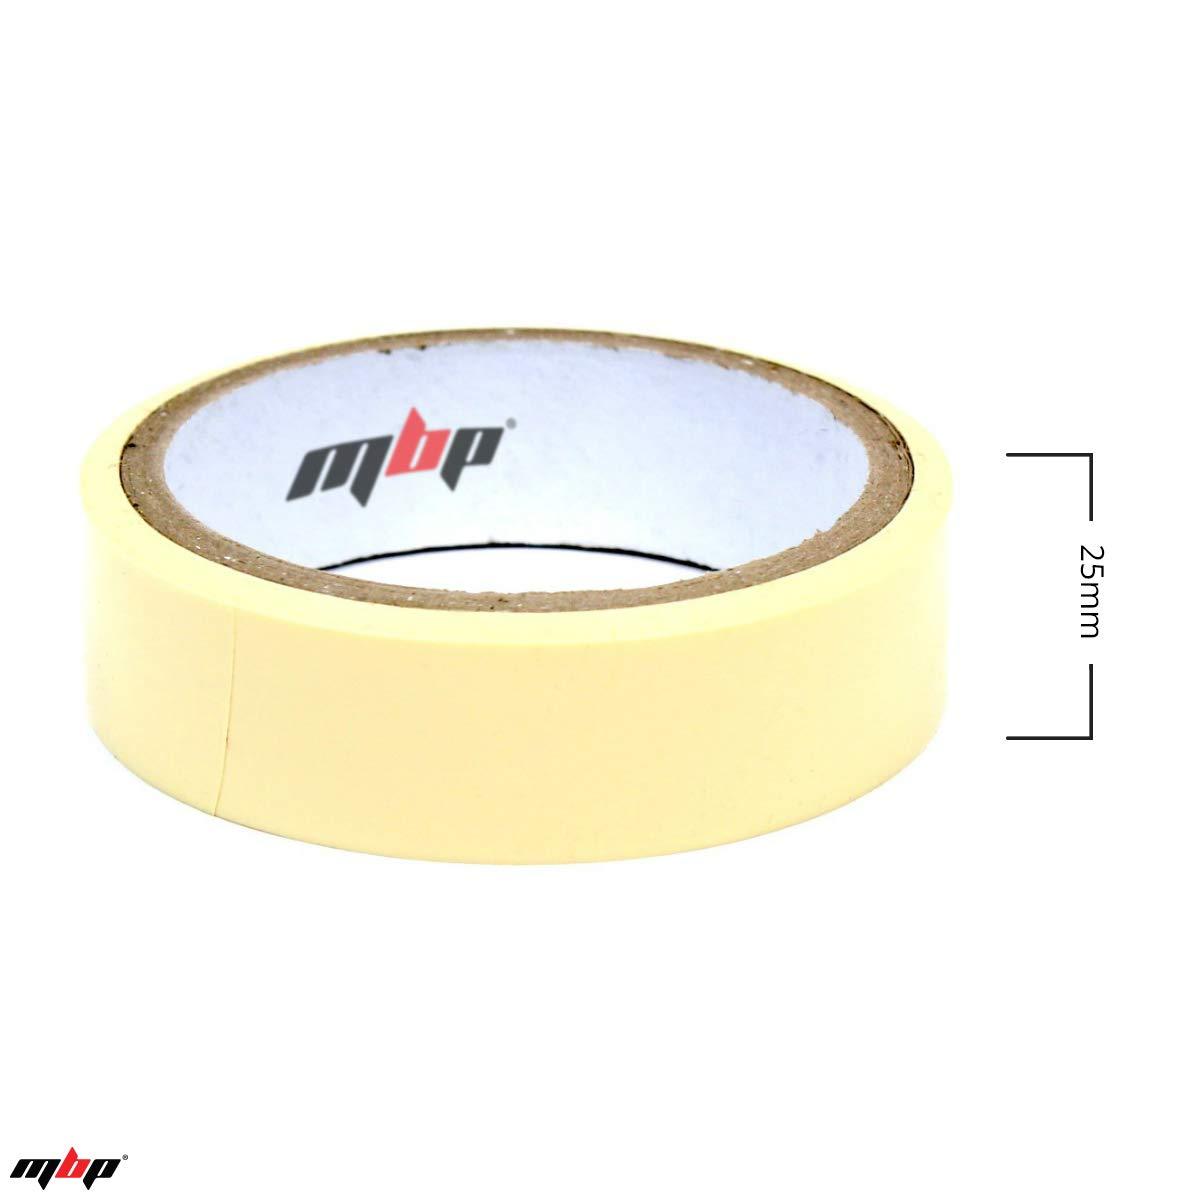 MBP Tubeless Bicycle Rim Spoke Tape (10 Meters x 21mm or 25mm) (25)